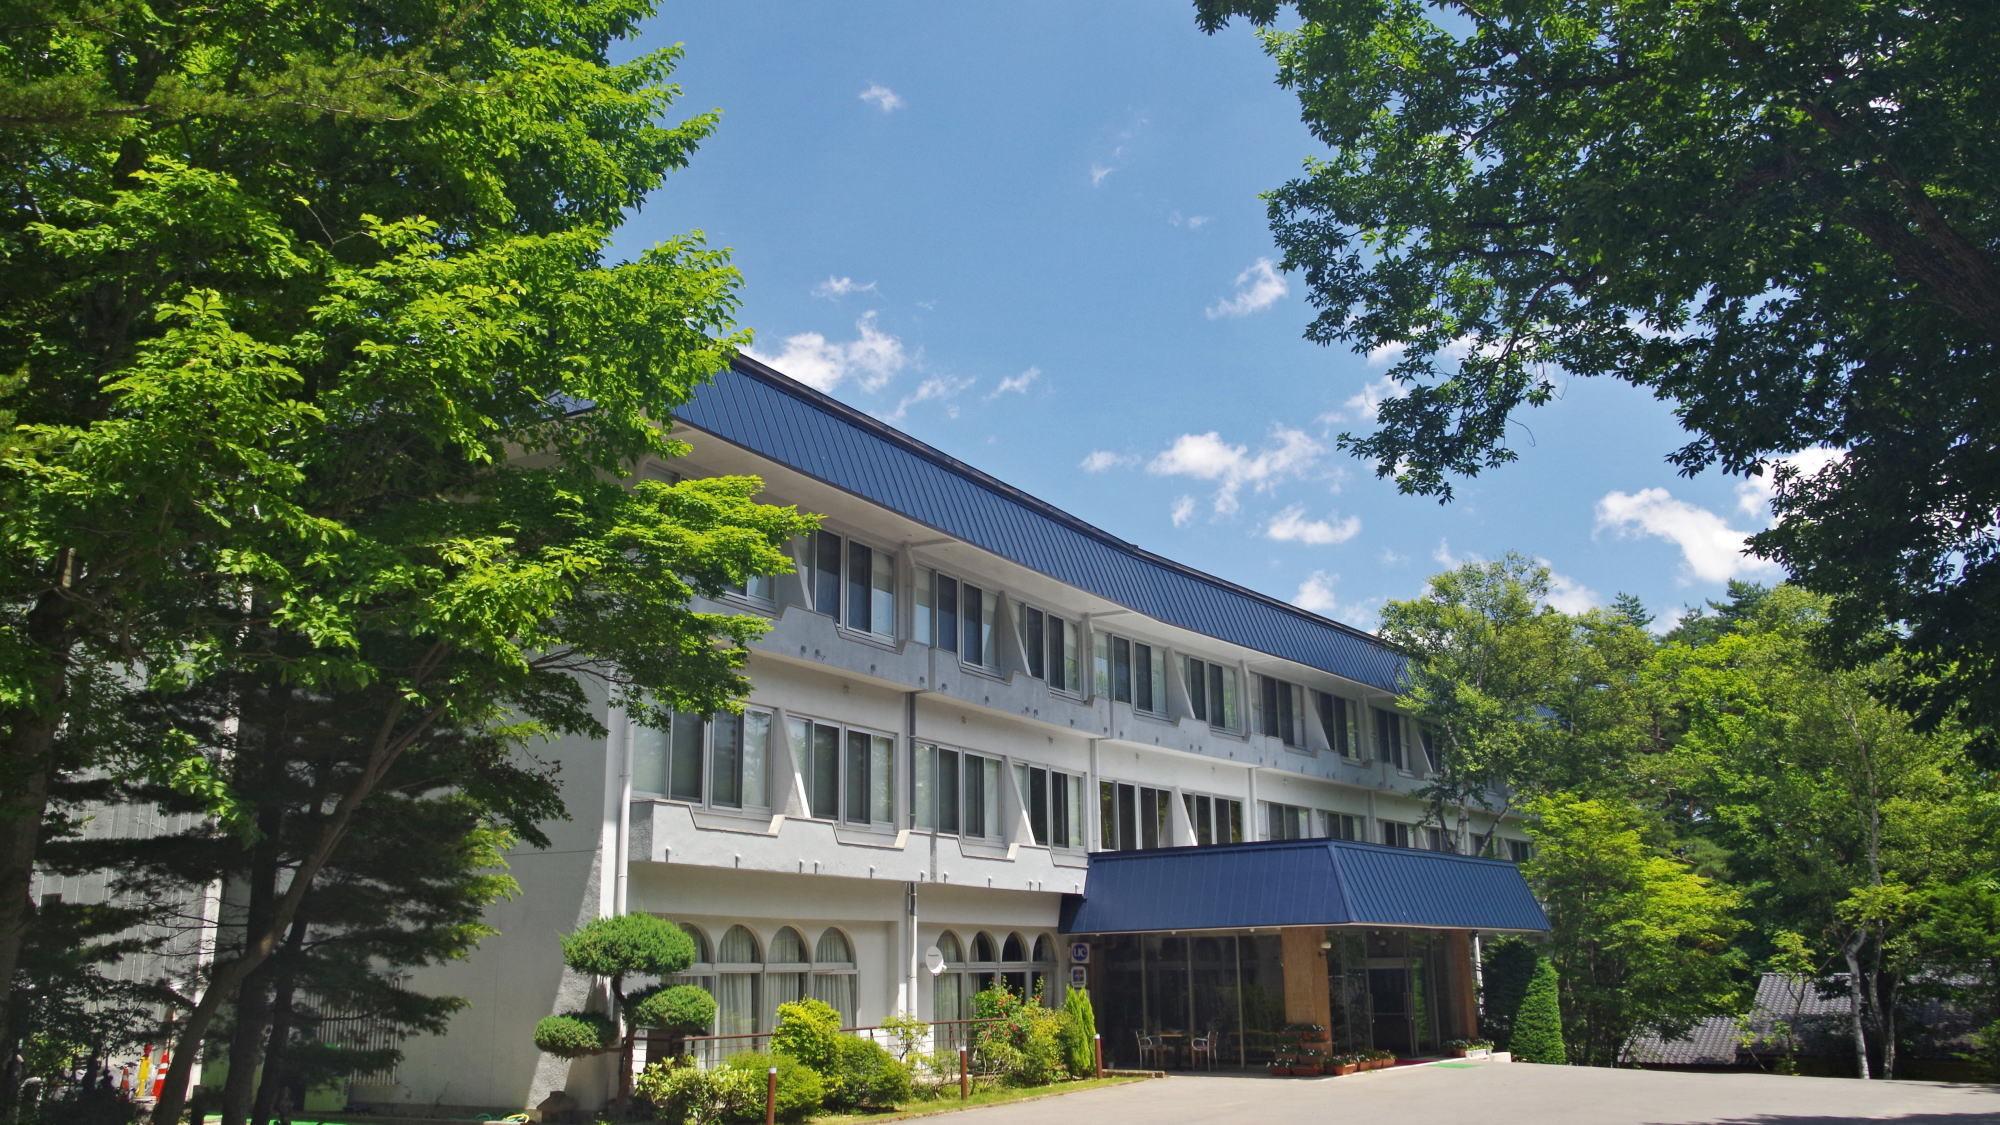 草津温泉に高齢の母と訪れるためバリアフリーに対応した宿を探しています。